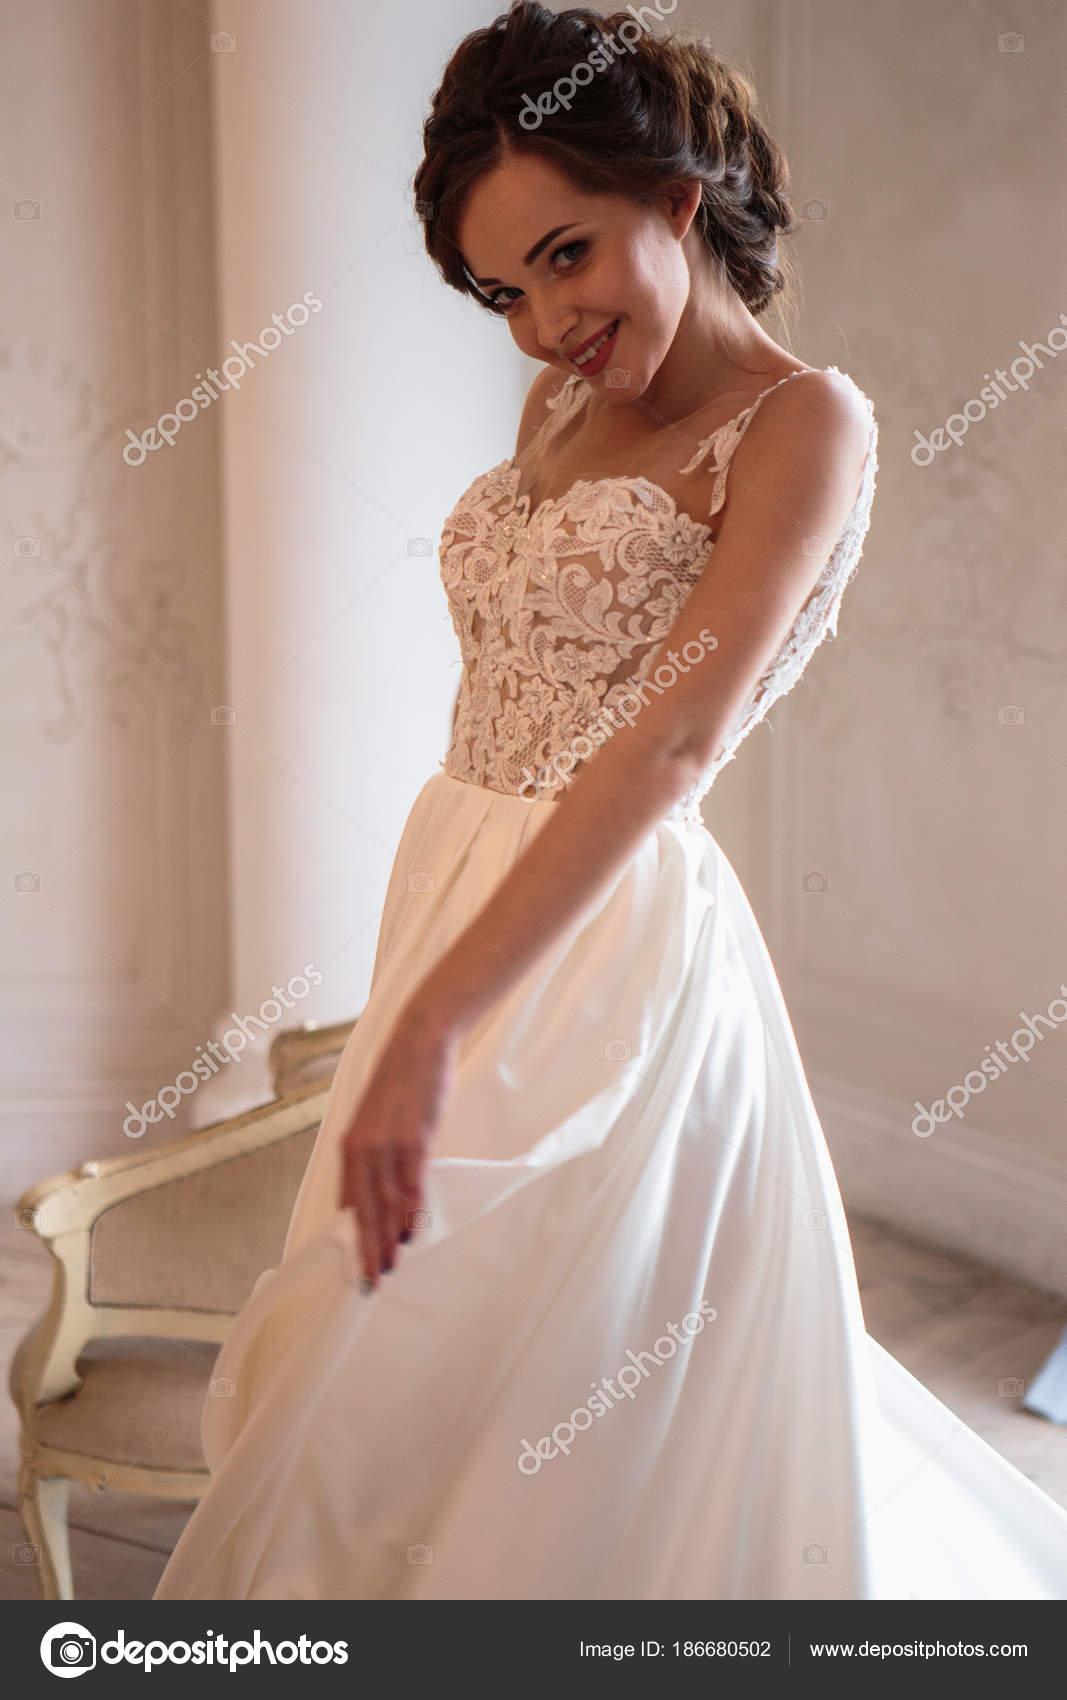 Schöne Braut Luxus Kleid Schöne Junge Frau Hochzeit Fotosession ...